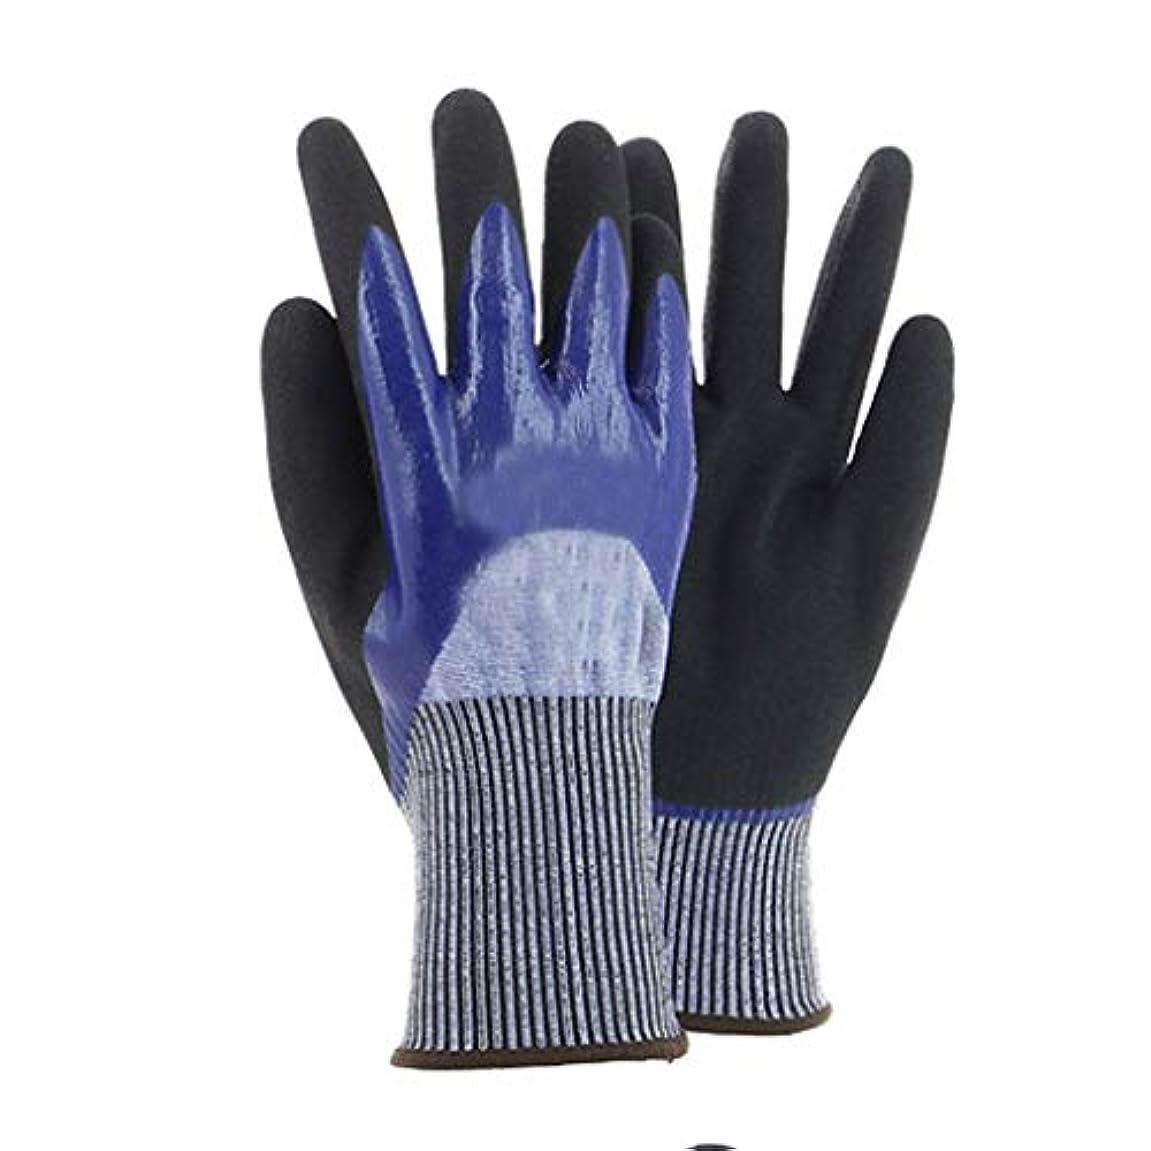 パワーセルアブストラクト暖かさLIUXIN 労働保護手袋カット耐性オイル耐性ニトリルゴム手袋耐摩耗性ブルーマルチサイズオプション ゴム手袋 (Size : L)